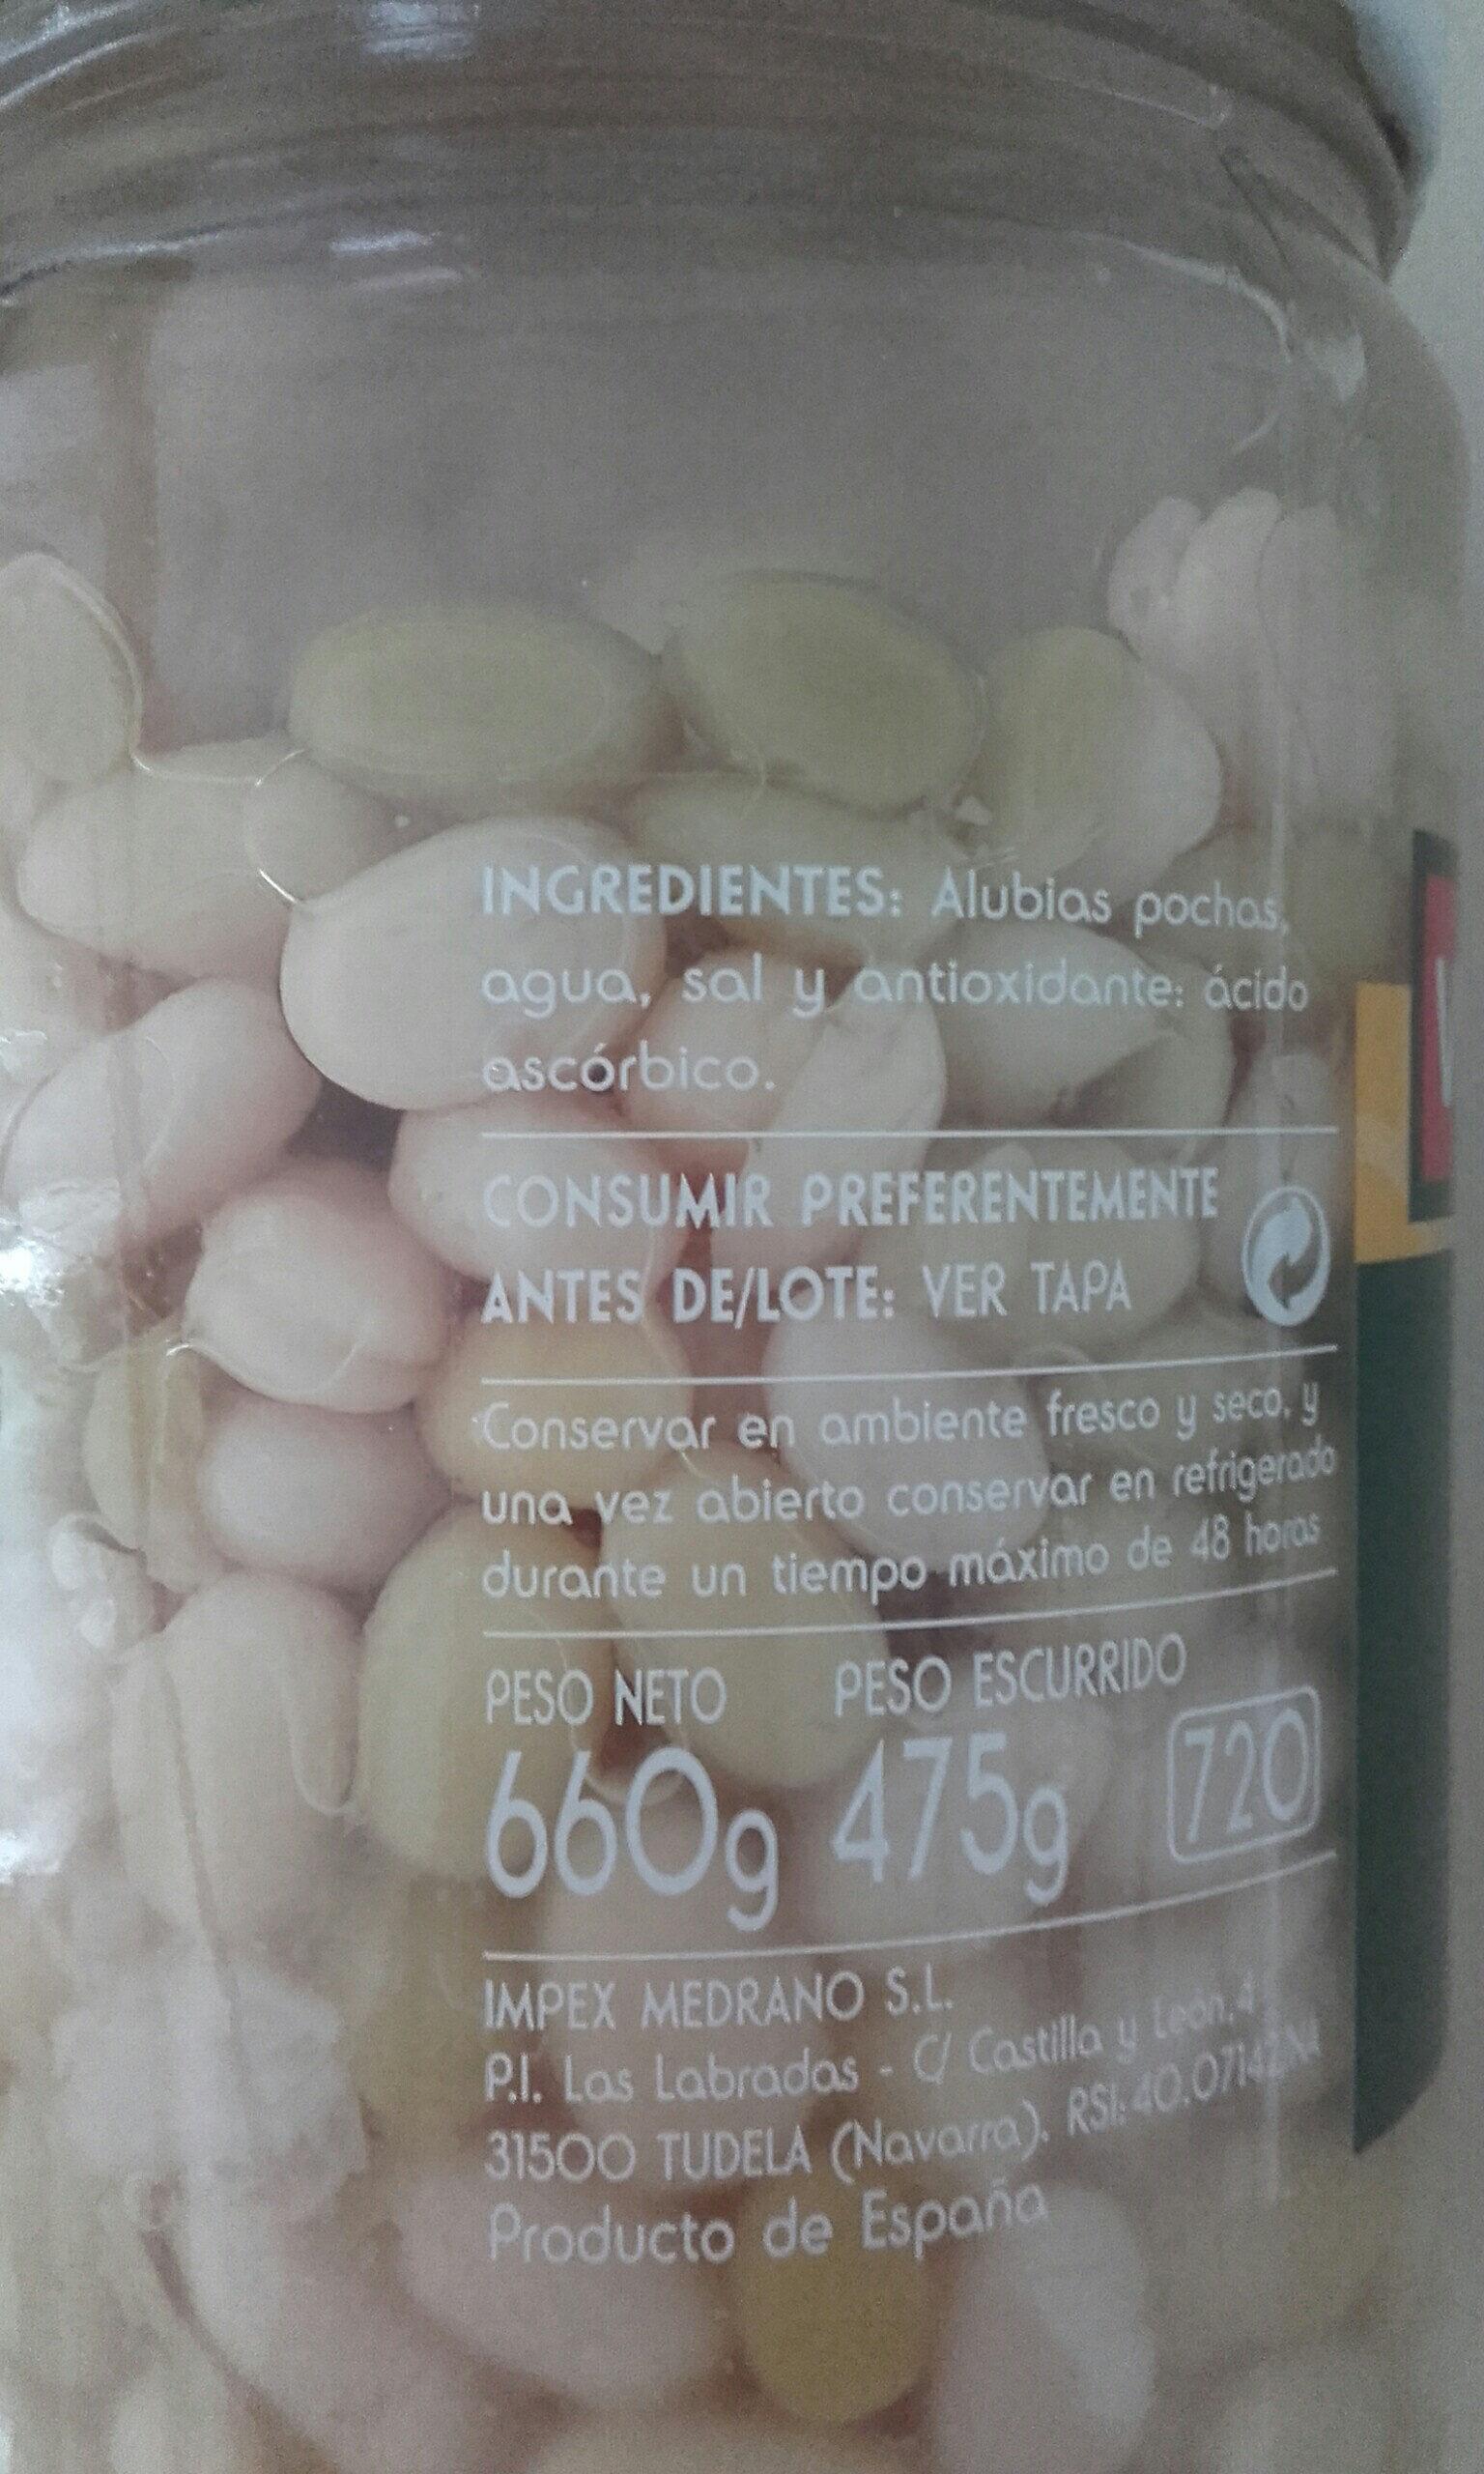 Alubias pochas - Ingredients